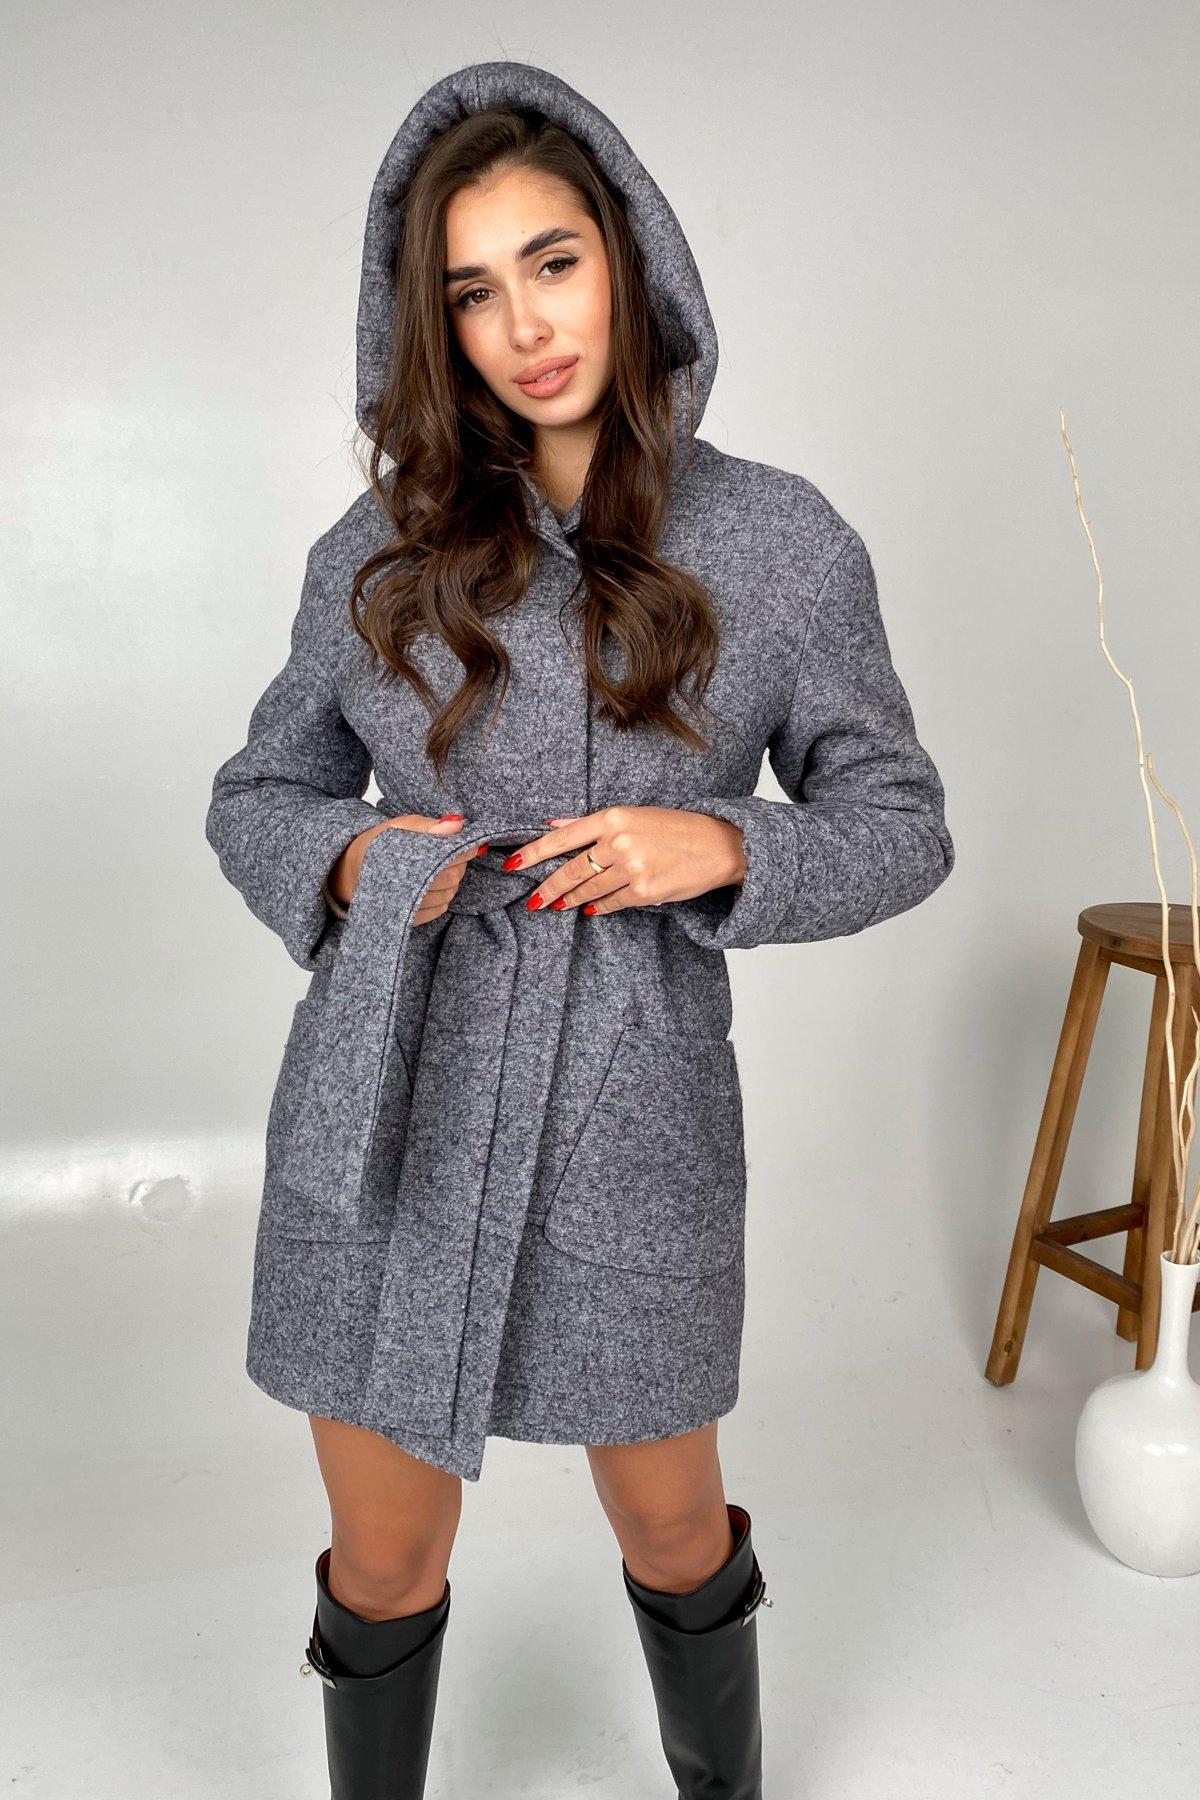 Анита шерсть варенка зима без меха пальто 9936 АРТ. 46224 Цвет: серый темный 5 - фото 3, интернет магазин tm-modus.ru